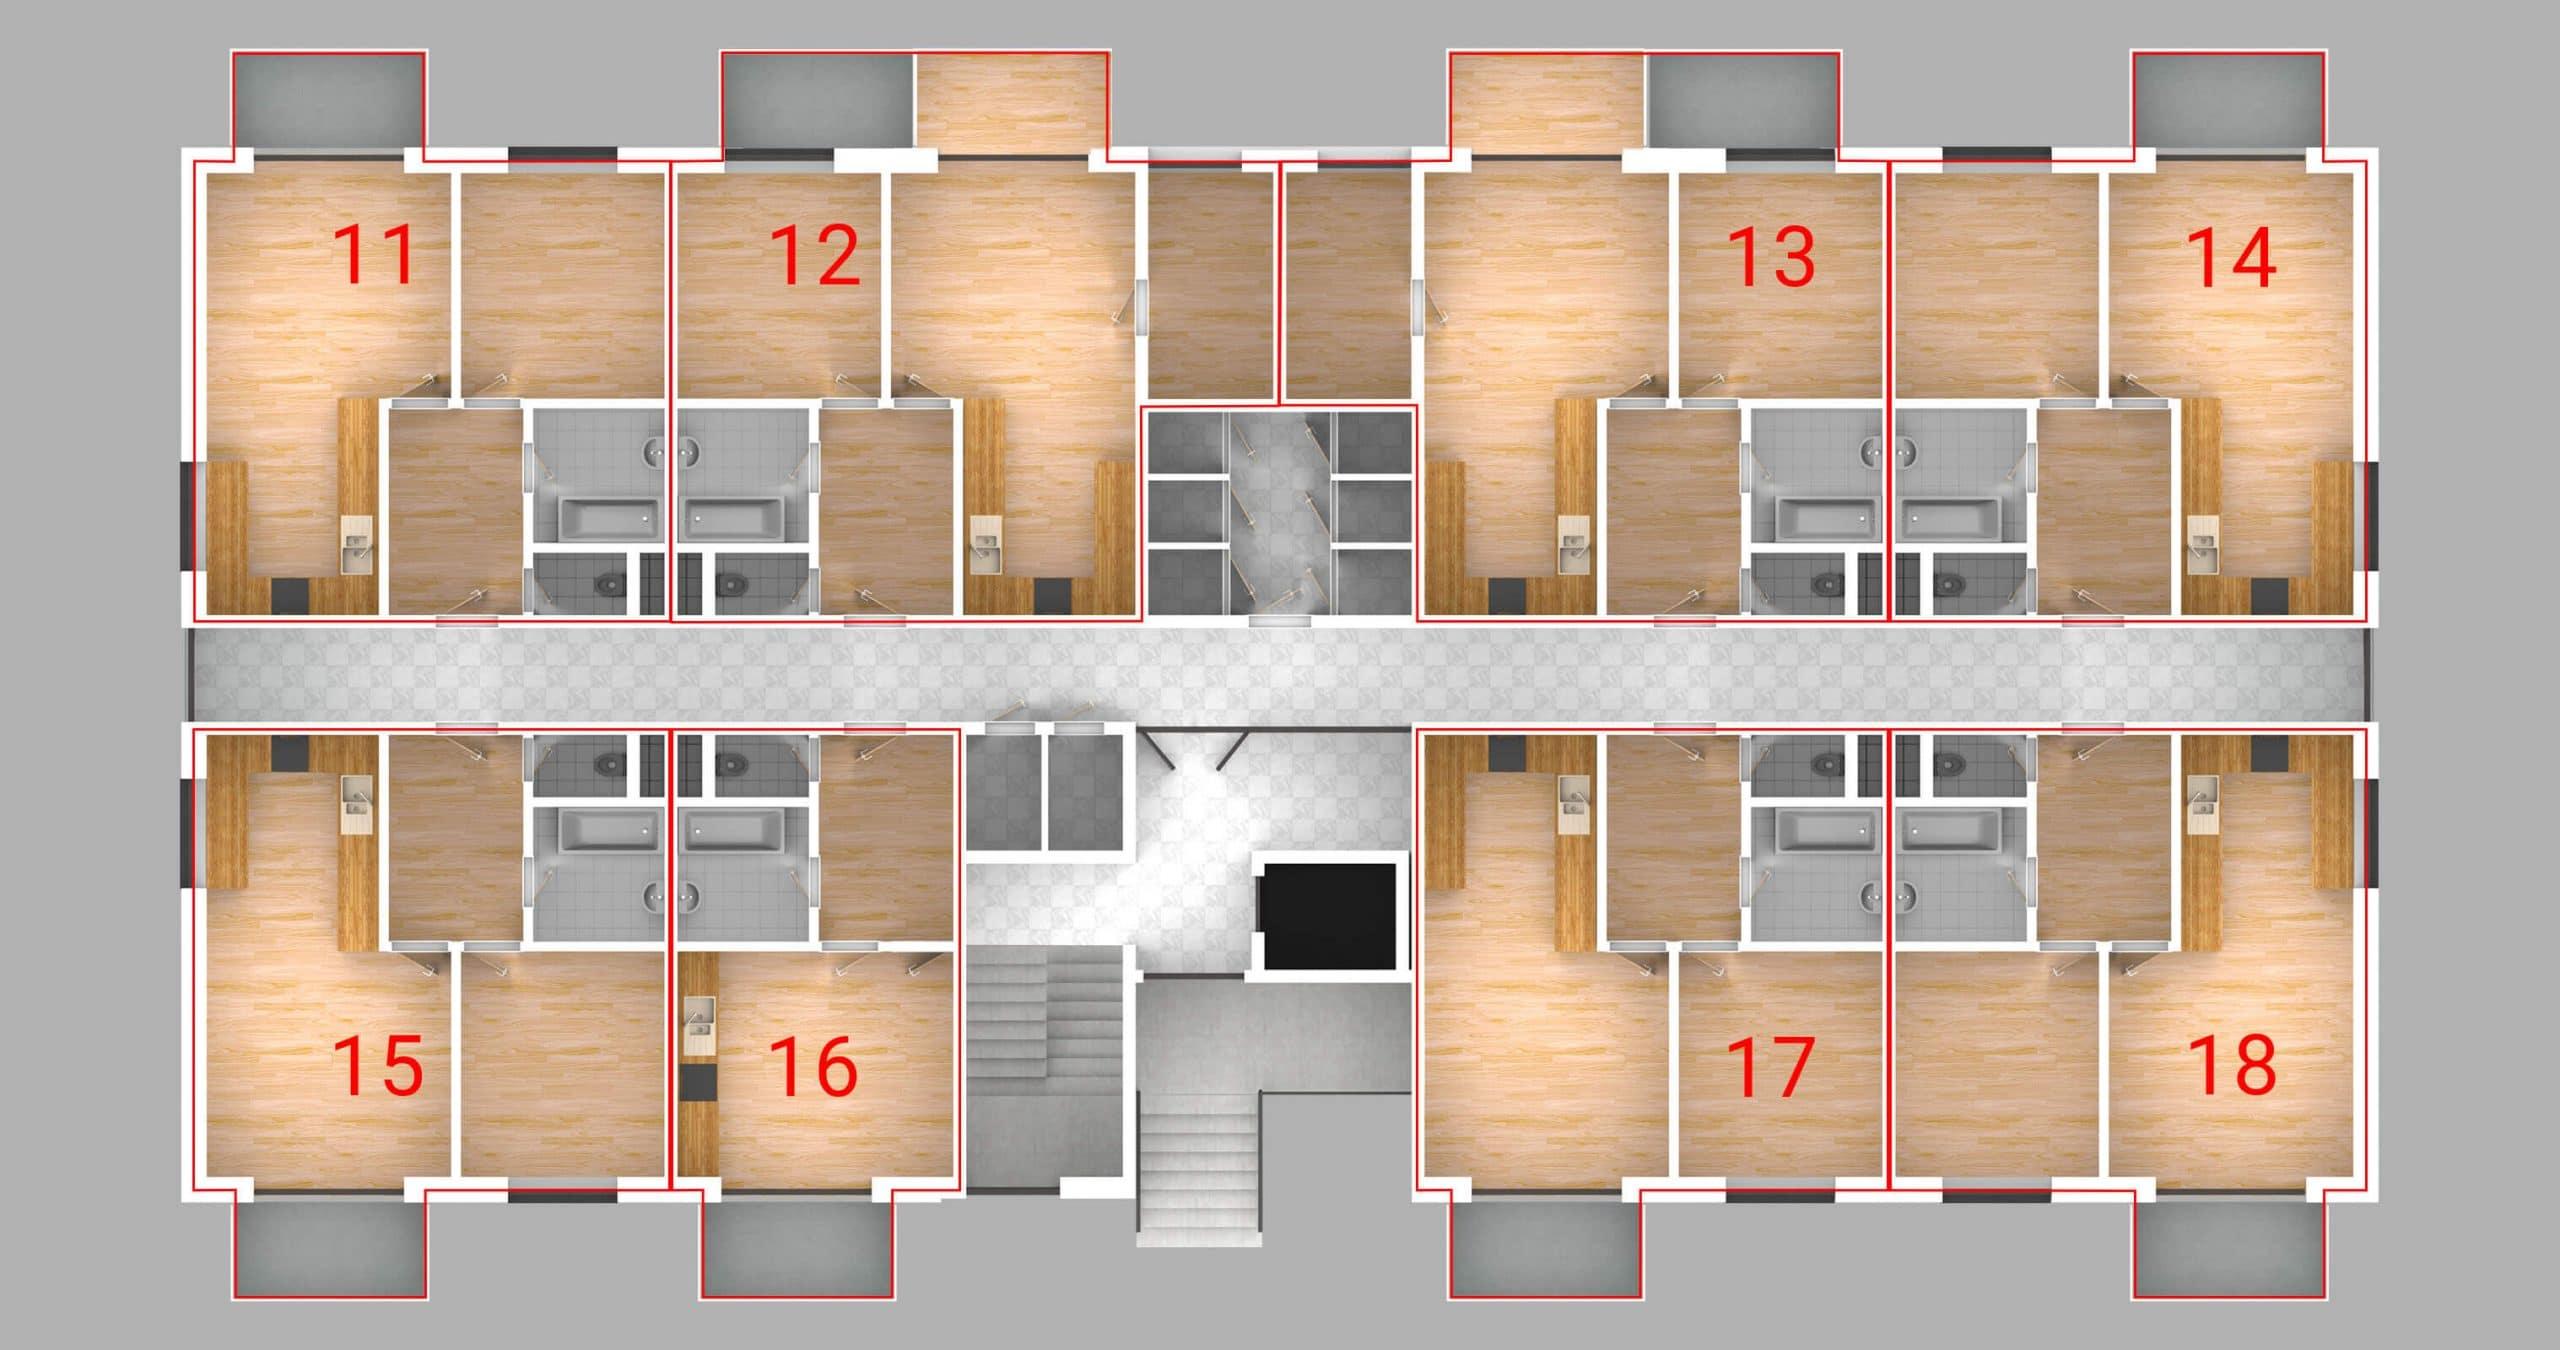 Bytový dom vivien - dispozície bytov 1.P